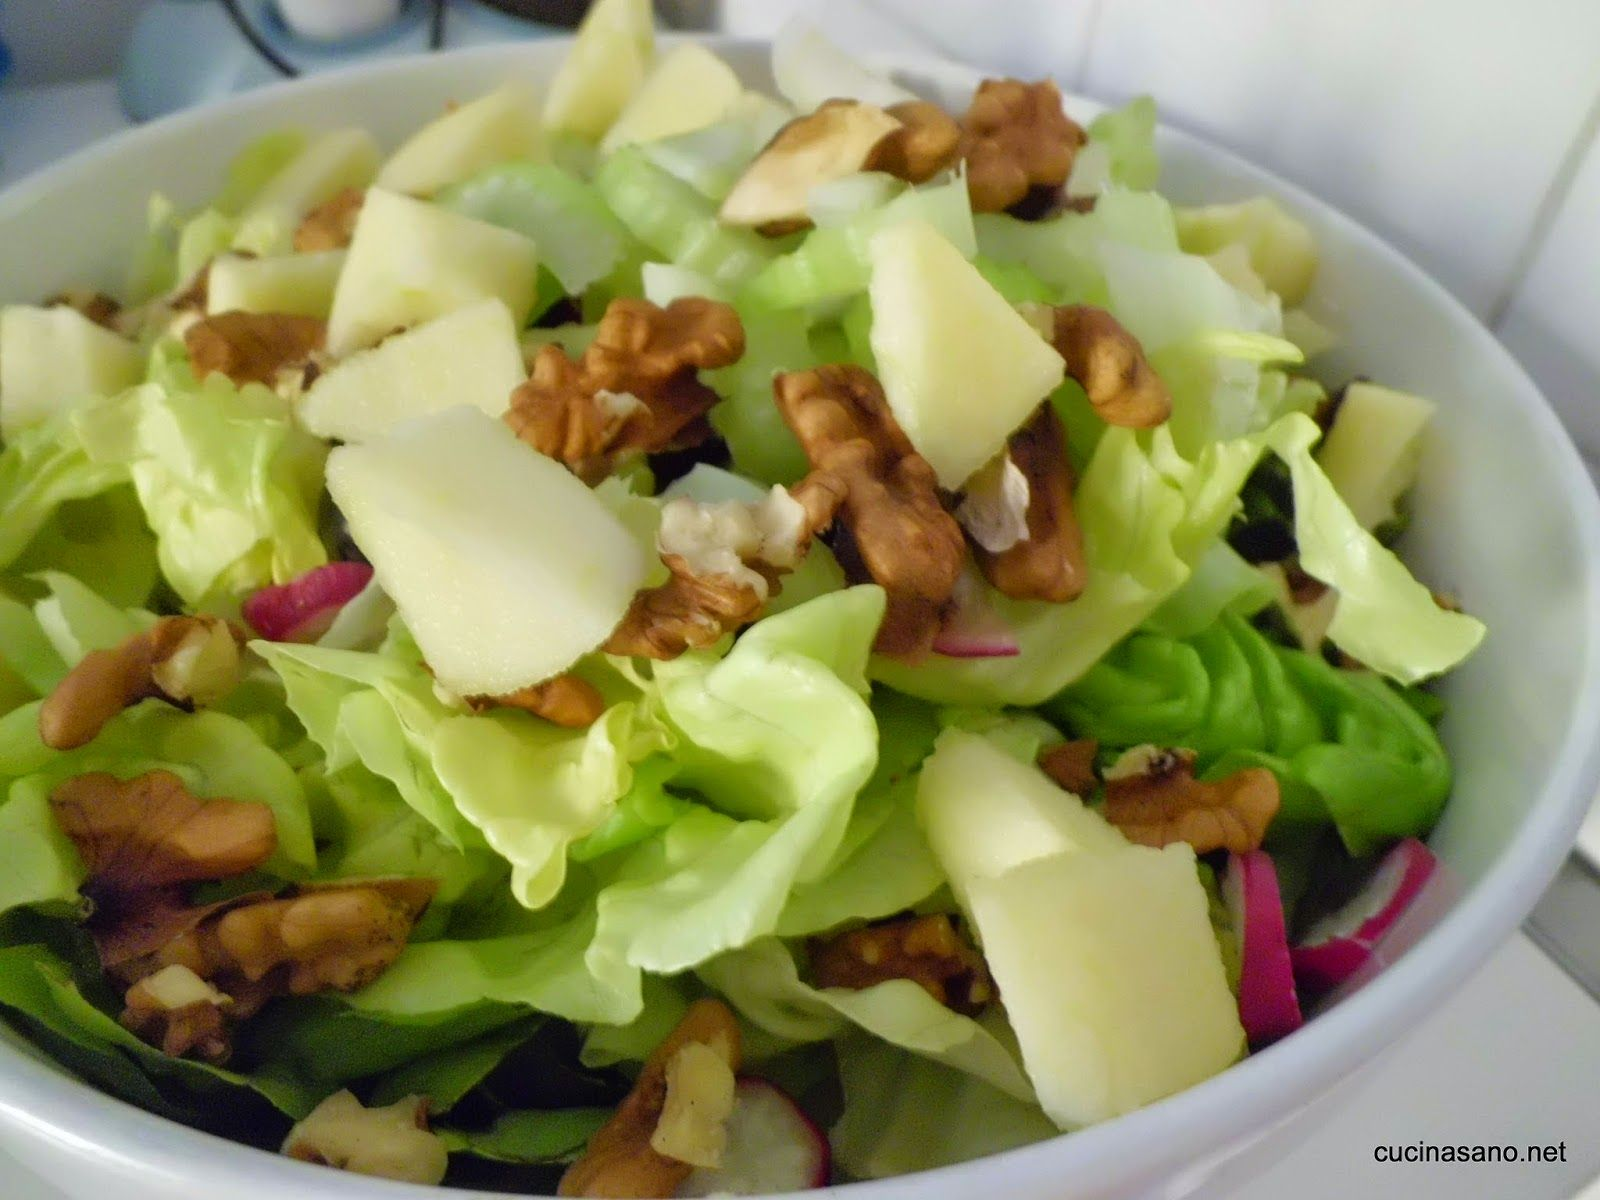 Ricette e salute insalata invernale mele e noci le for Ricette insalate